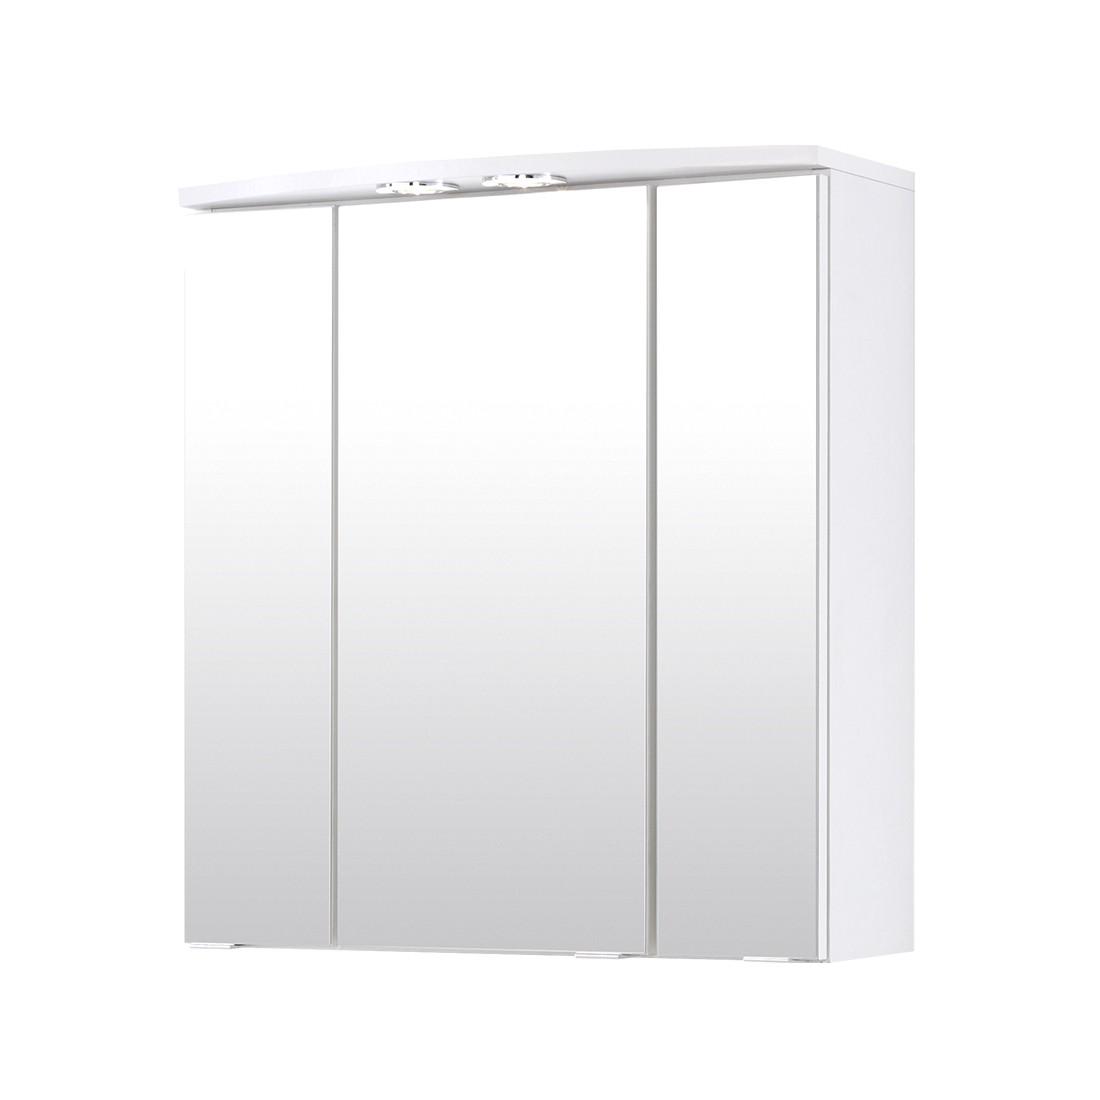 3D Spiegelschrank Kopenhagen (mit Beleuchtung) - Weiß, Giessbach